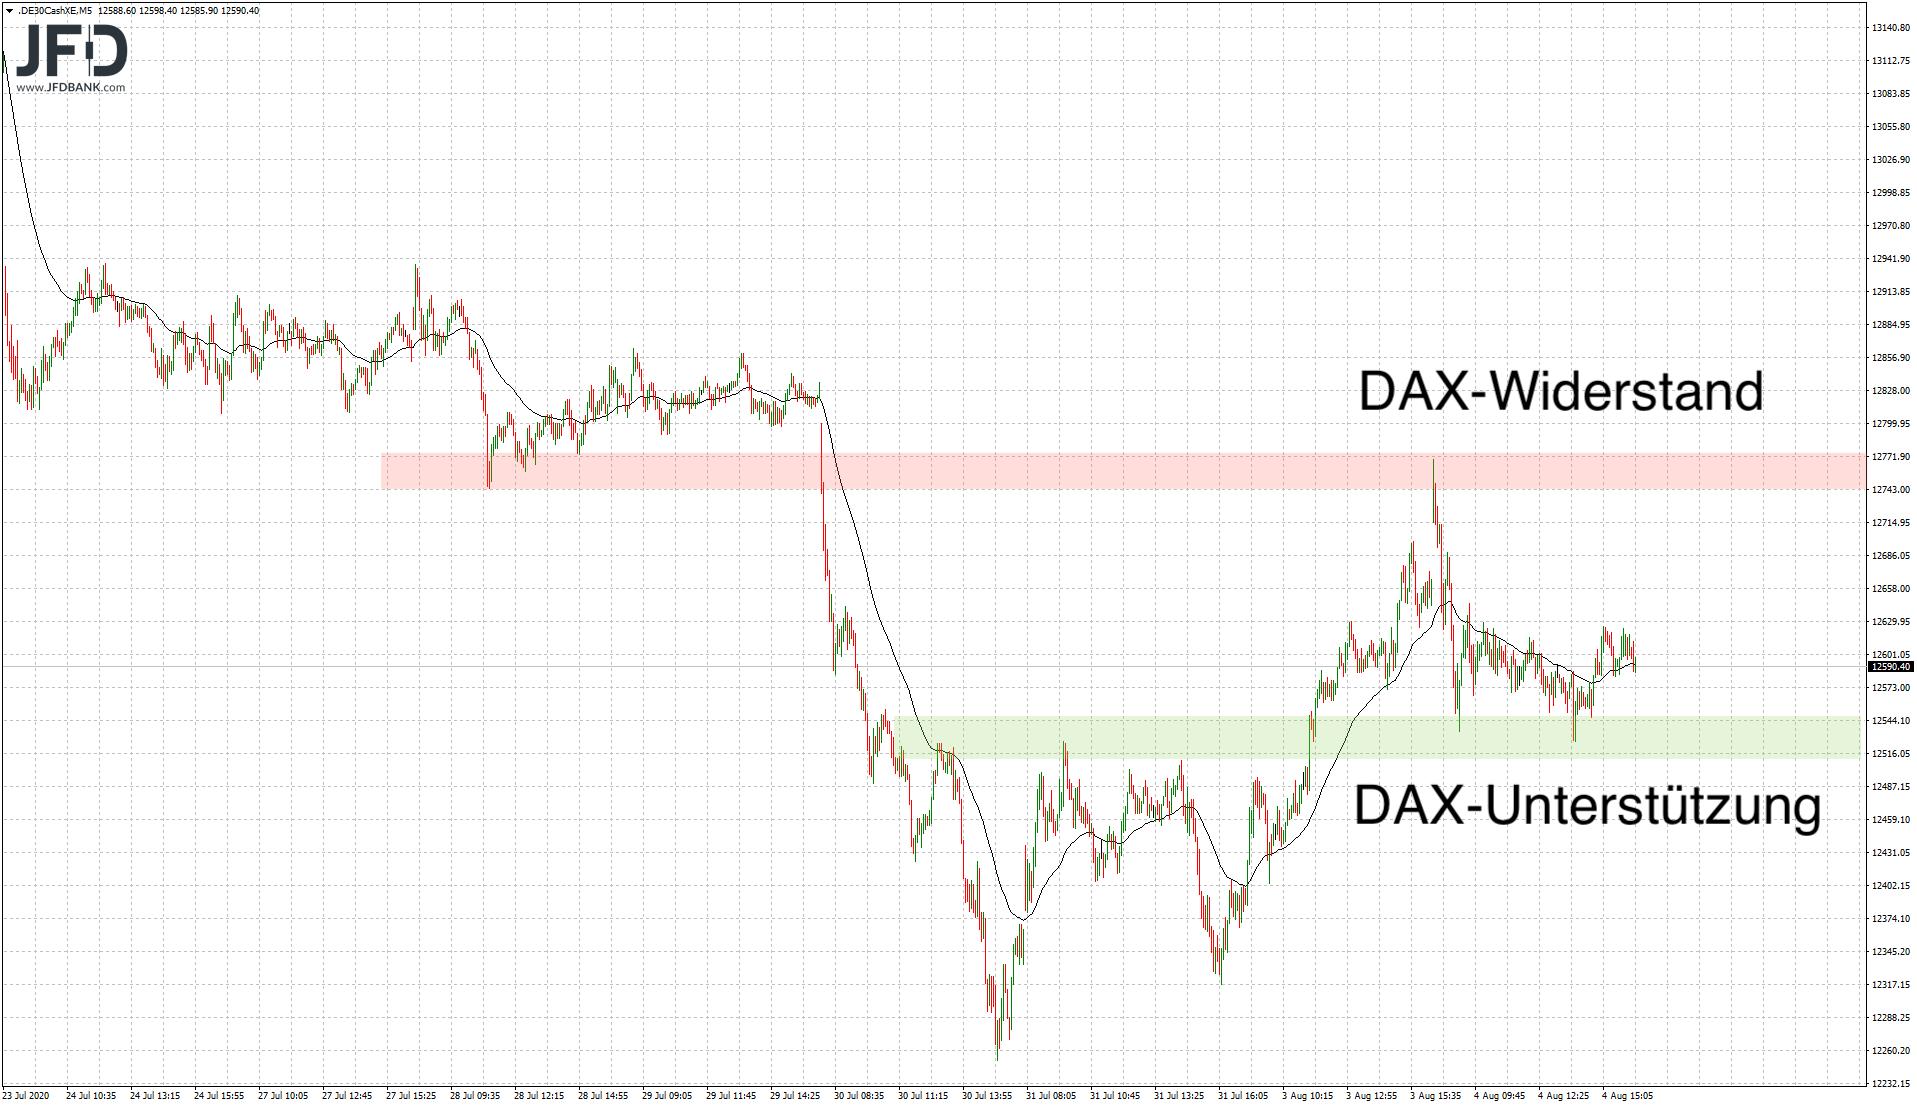 Trading-Chancen-am-DAX-Abwärtstrend-Kommentar-JFD-Bank-GodmodeTrader.de-1